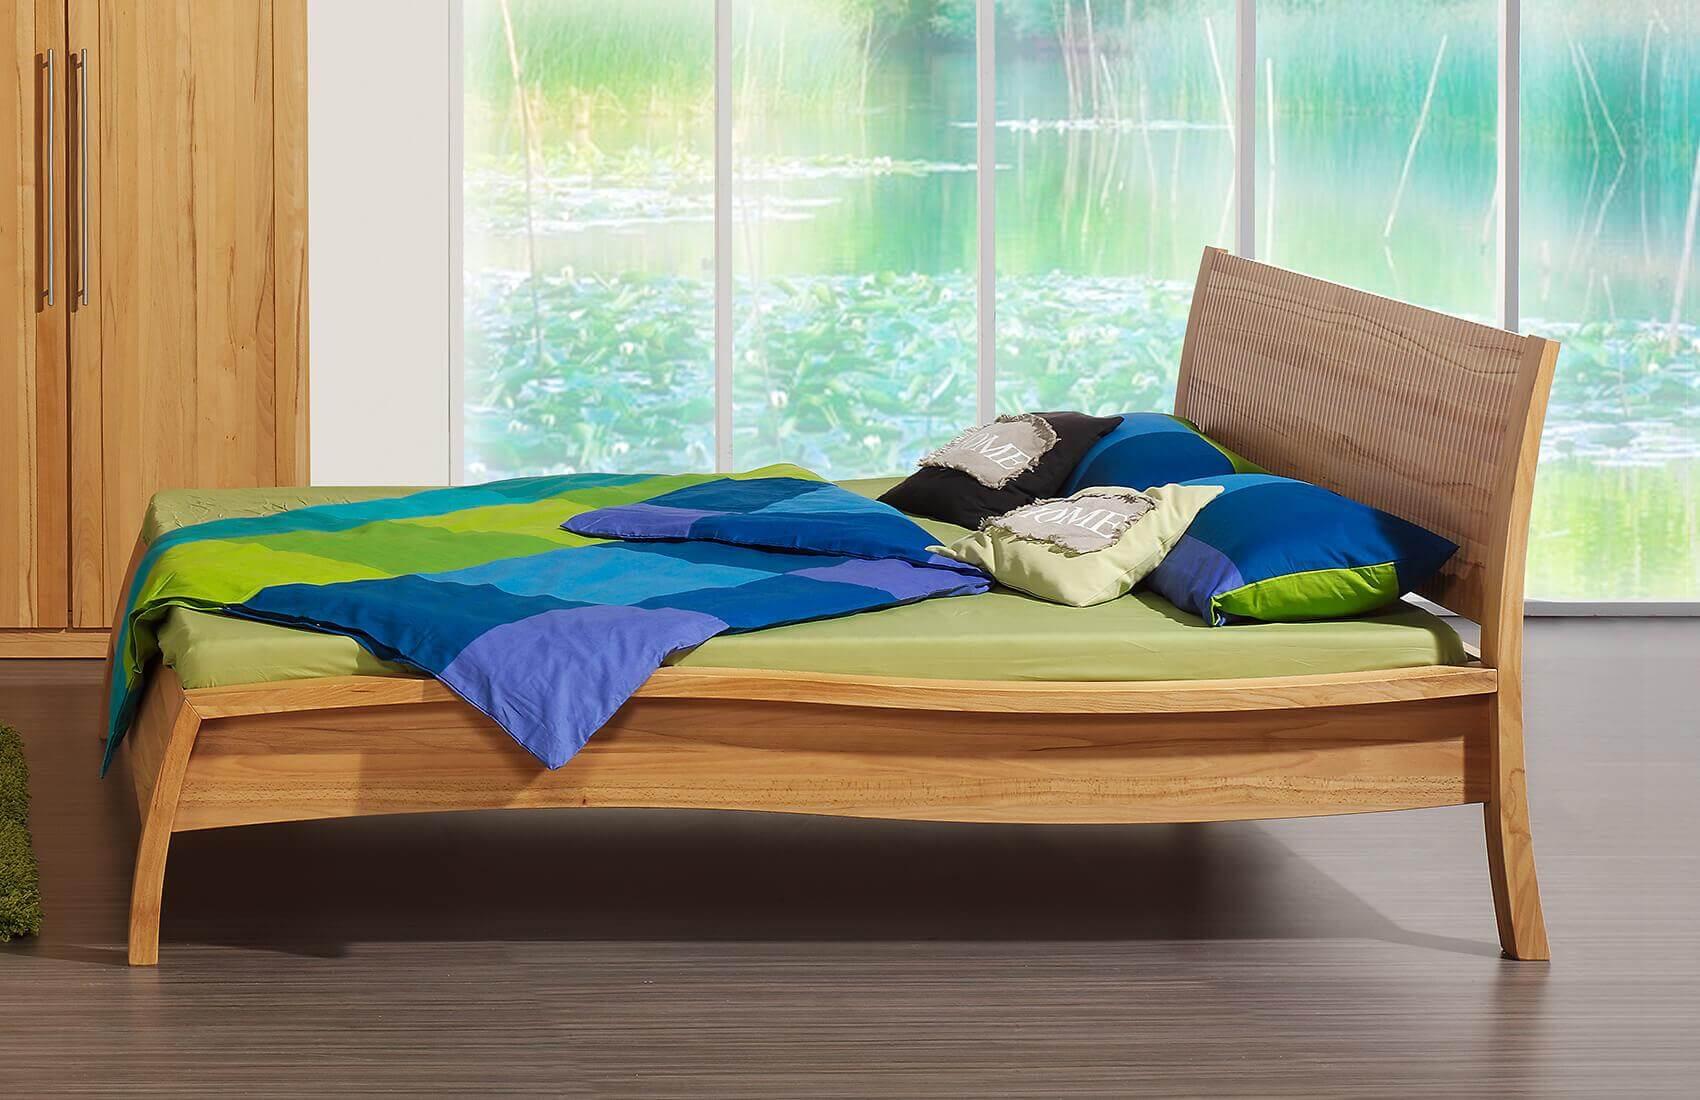 Holzschmiede Bett Massivholzbett Akzent in Kernbuche